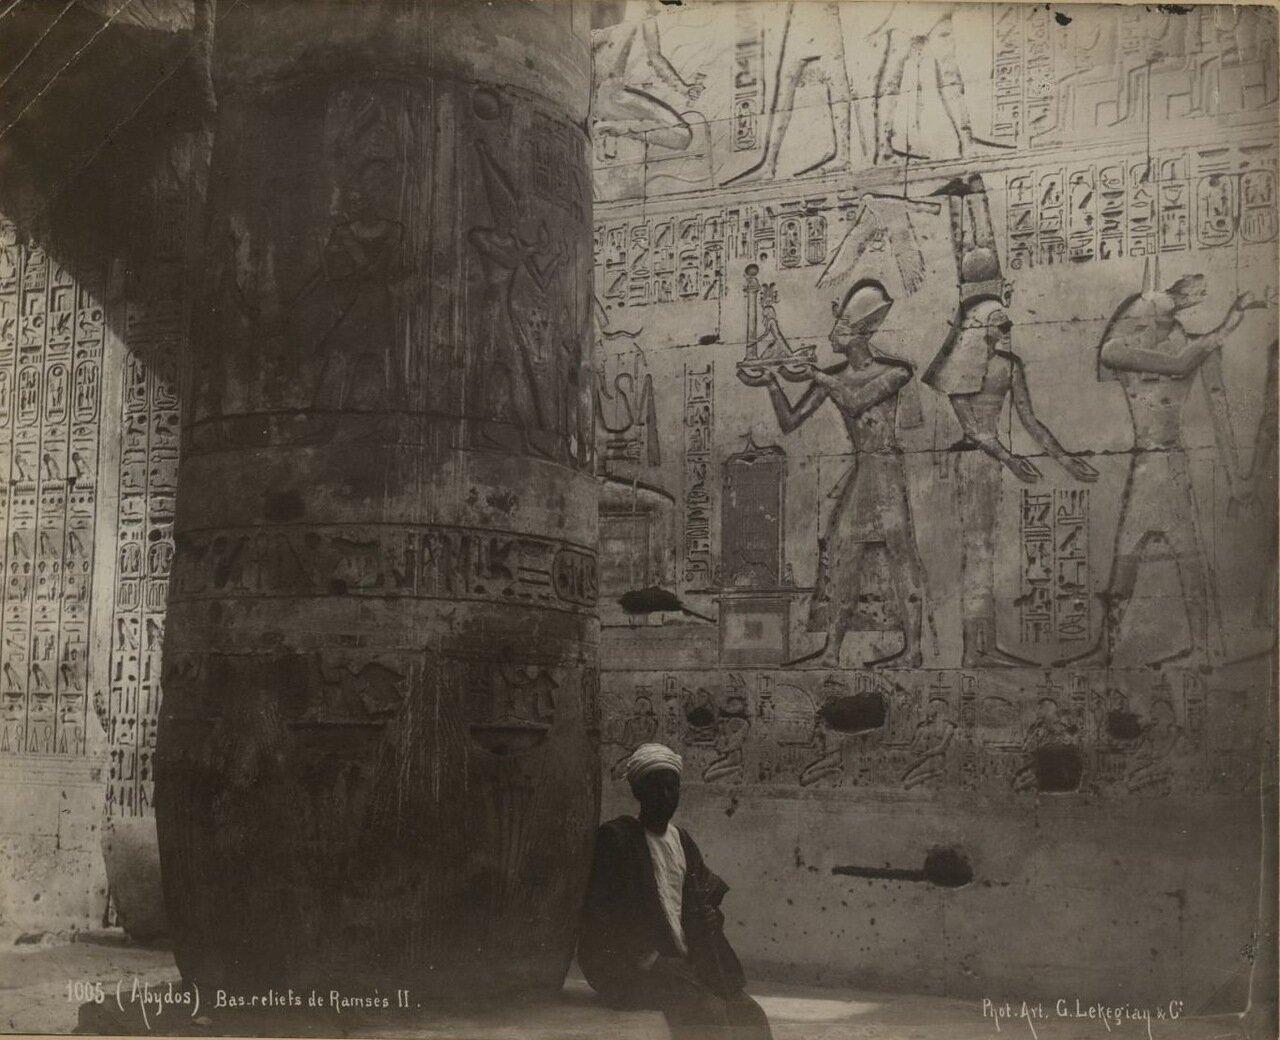 Абидос. Барельефы Рамзеса II